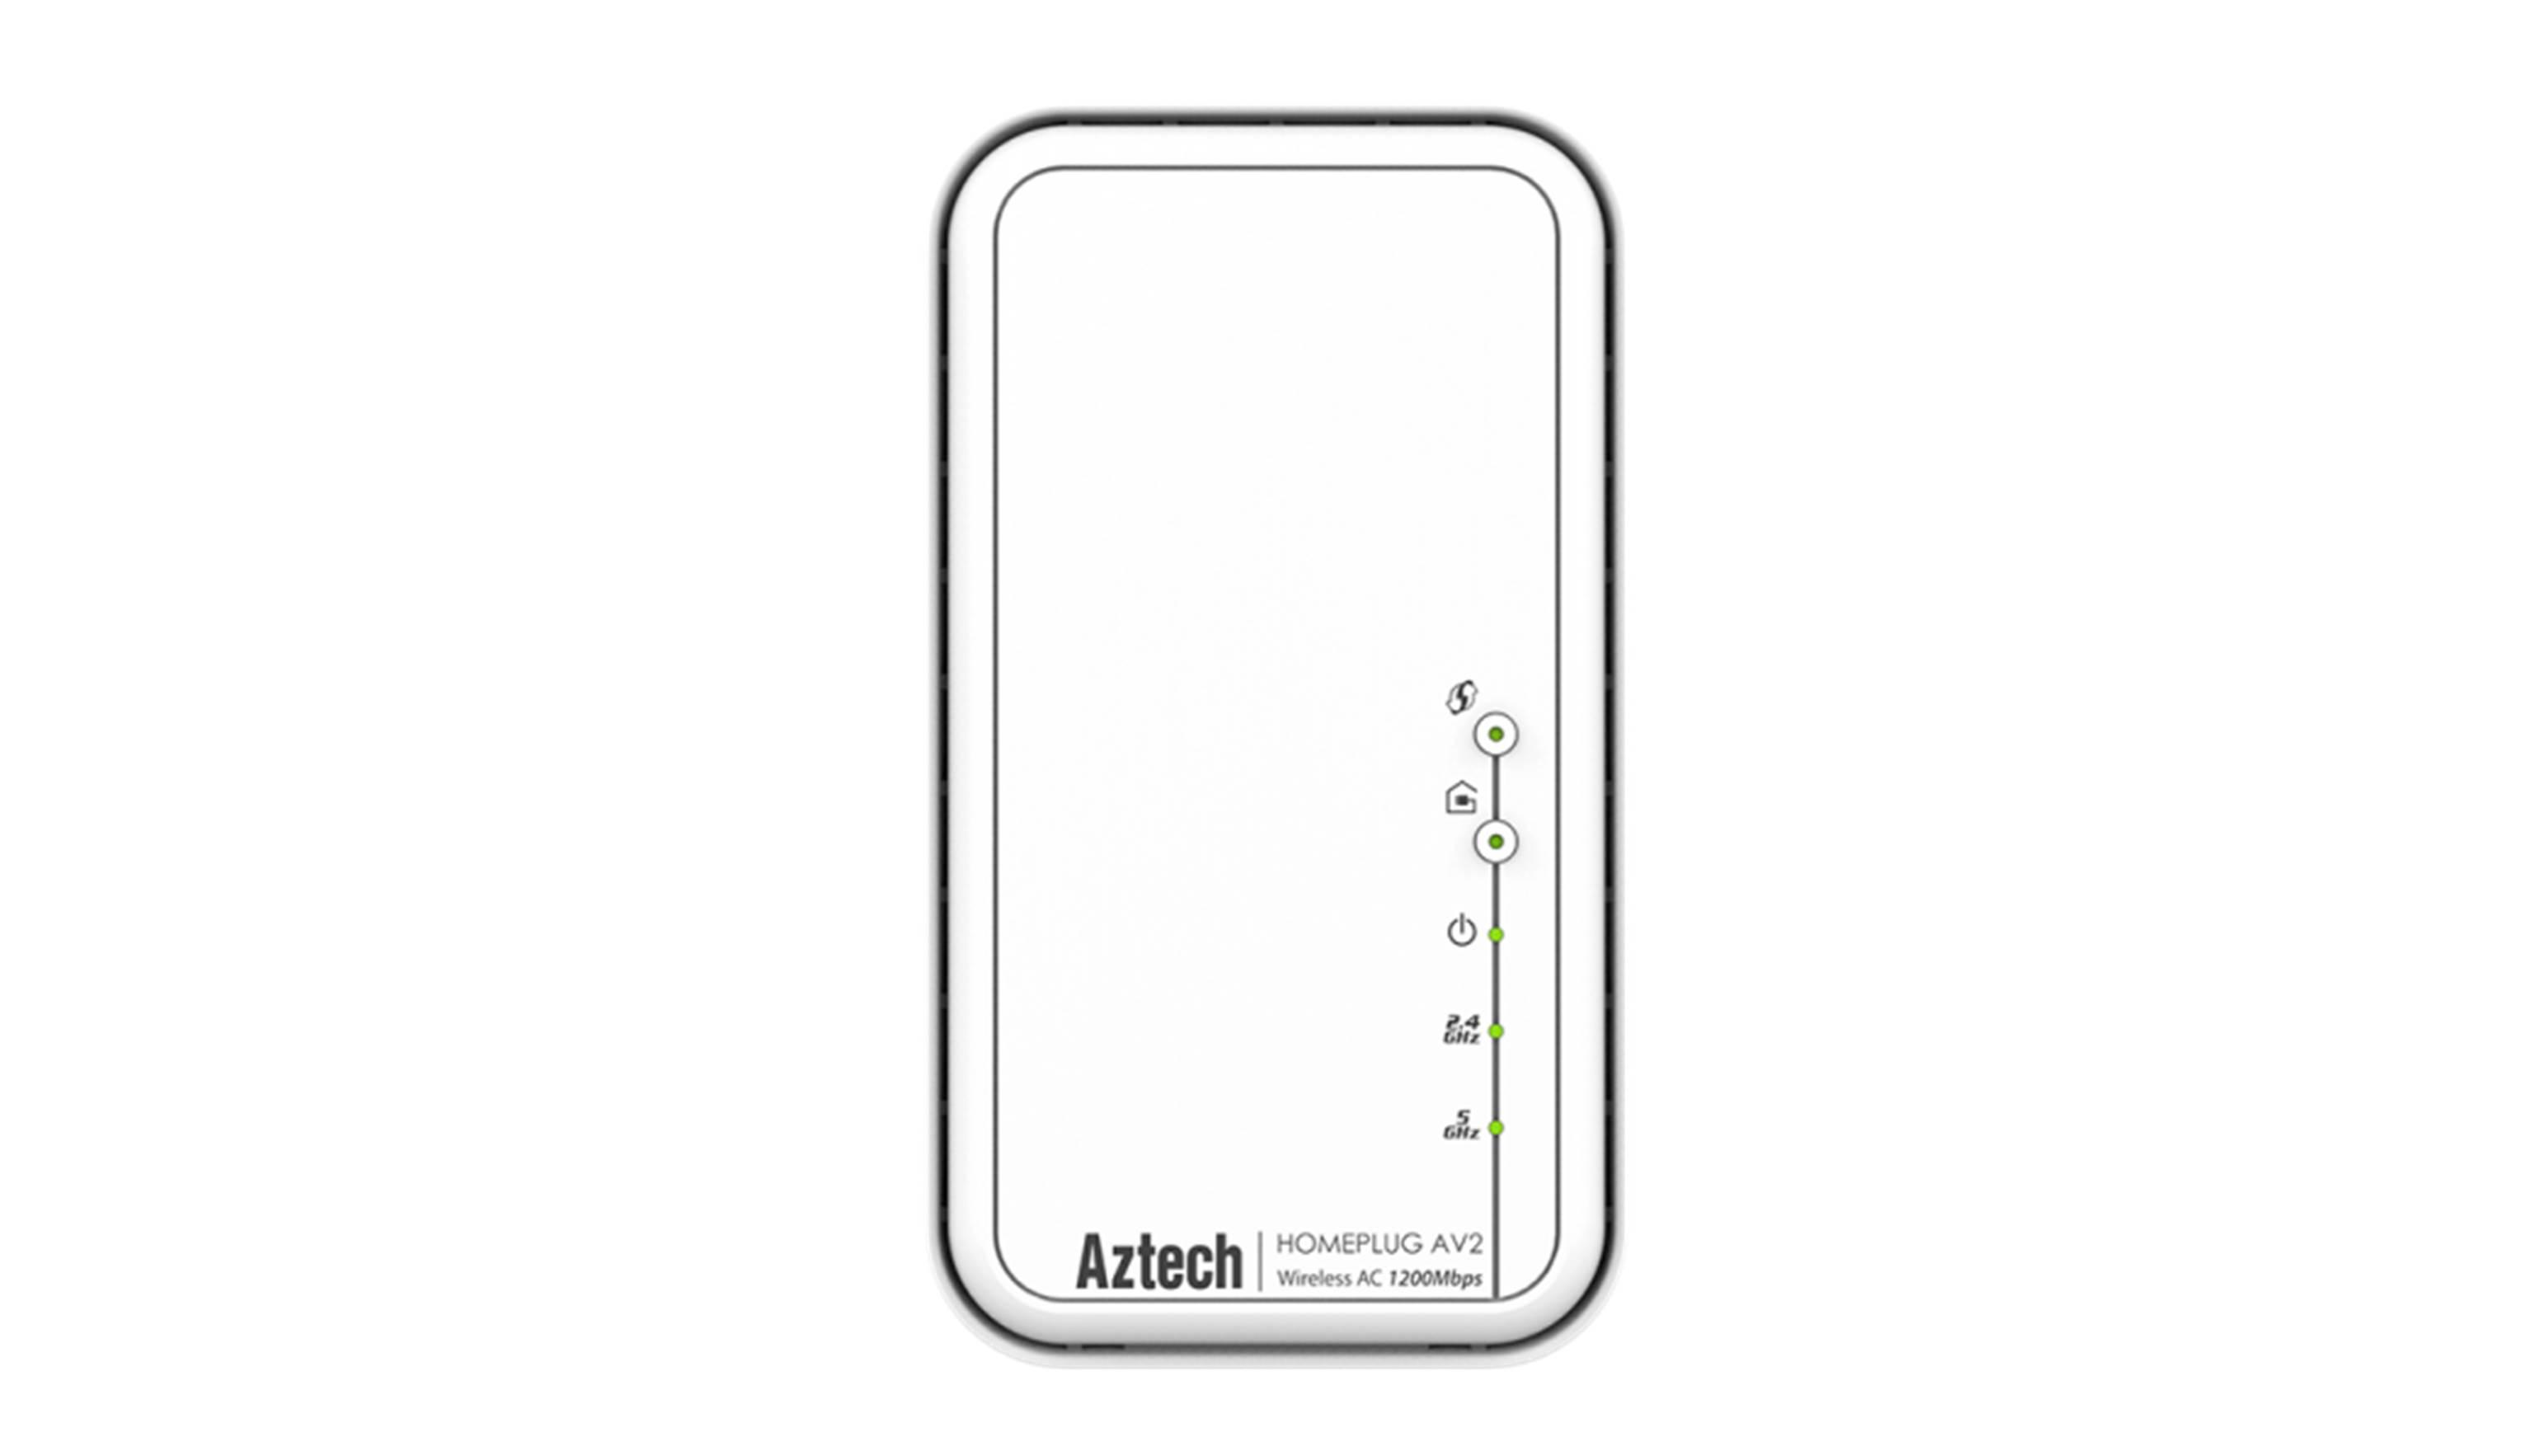 Aztech HL129EW SmartLink Homeplug Wireless-AC Extender